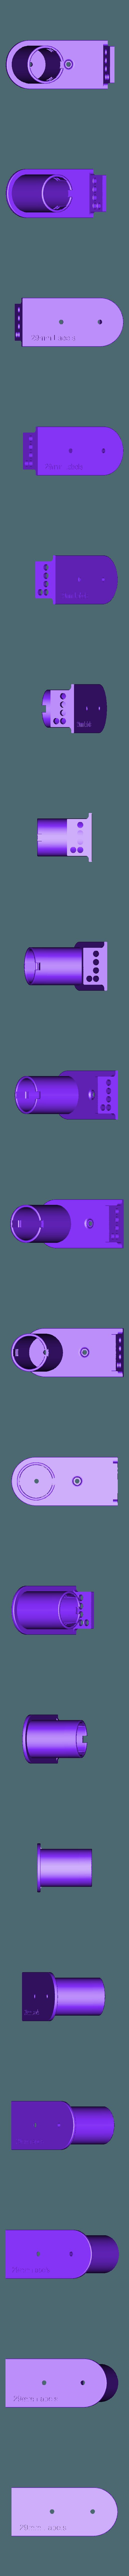 32mmBase_with_holes.stl Télécharger fichier STL gratuit Bobine d'imprimante Brother Label DK • Design pour imprimante 3D, Oggie